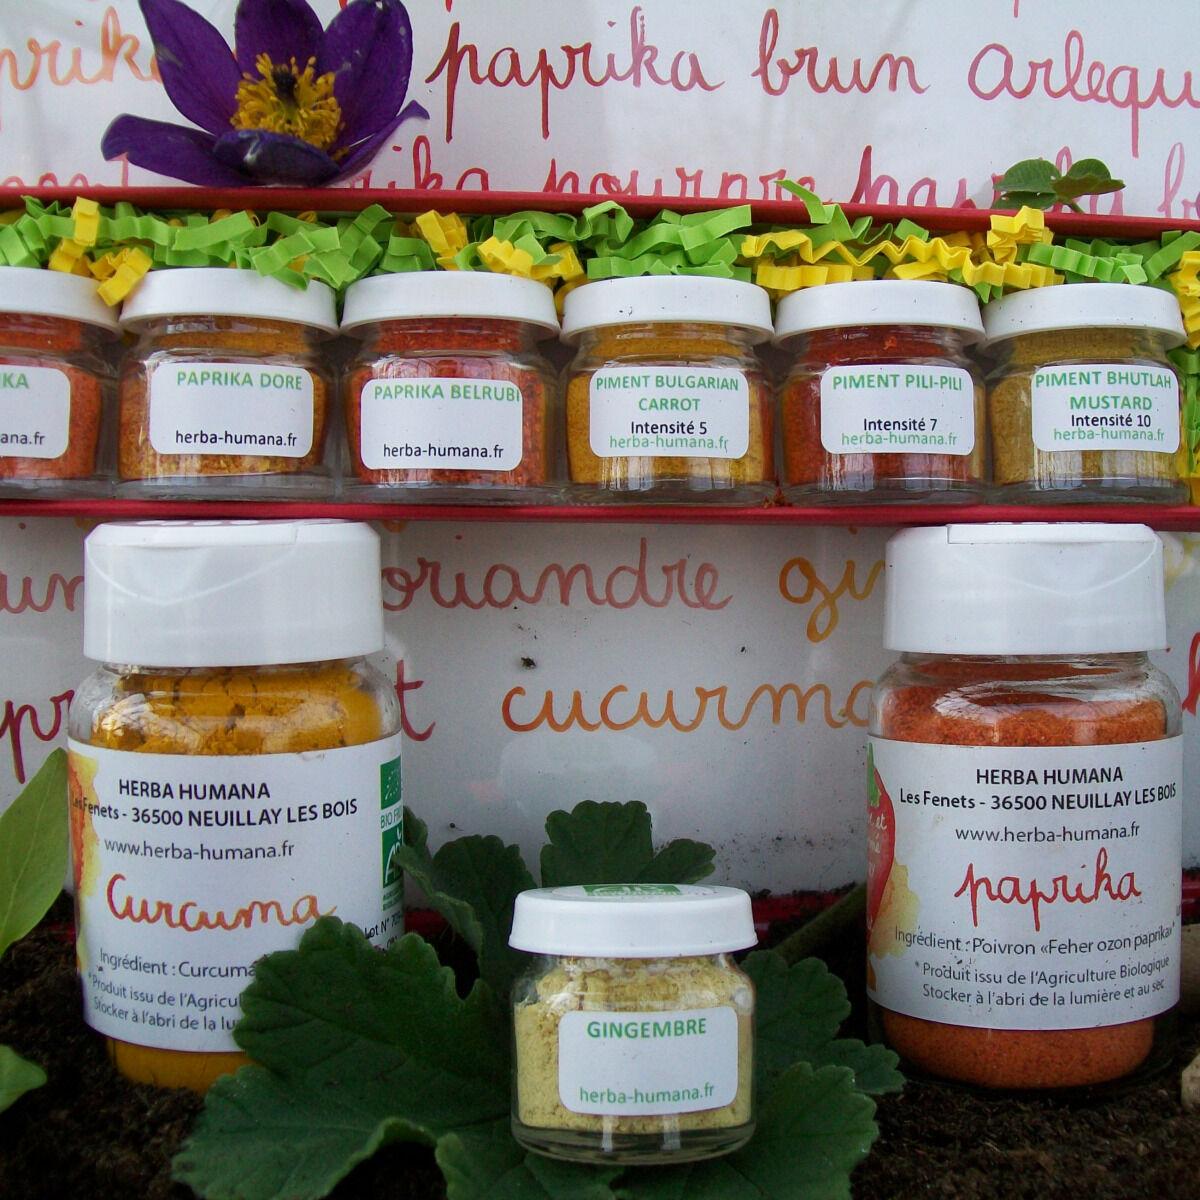 HERBA HUMANA Coffret D'épices Bio Cultivées En France + 3 Flacons Paprika, Curcuma, Gingembre